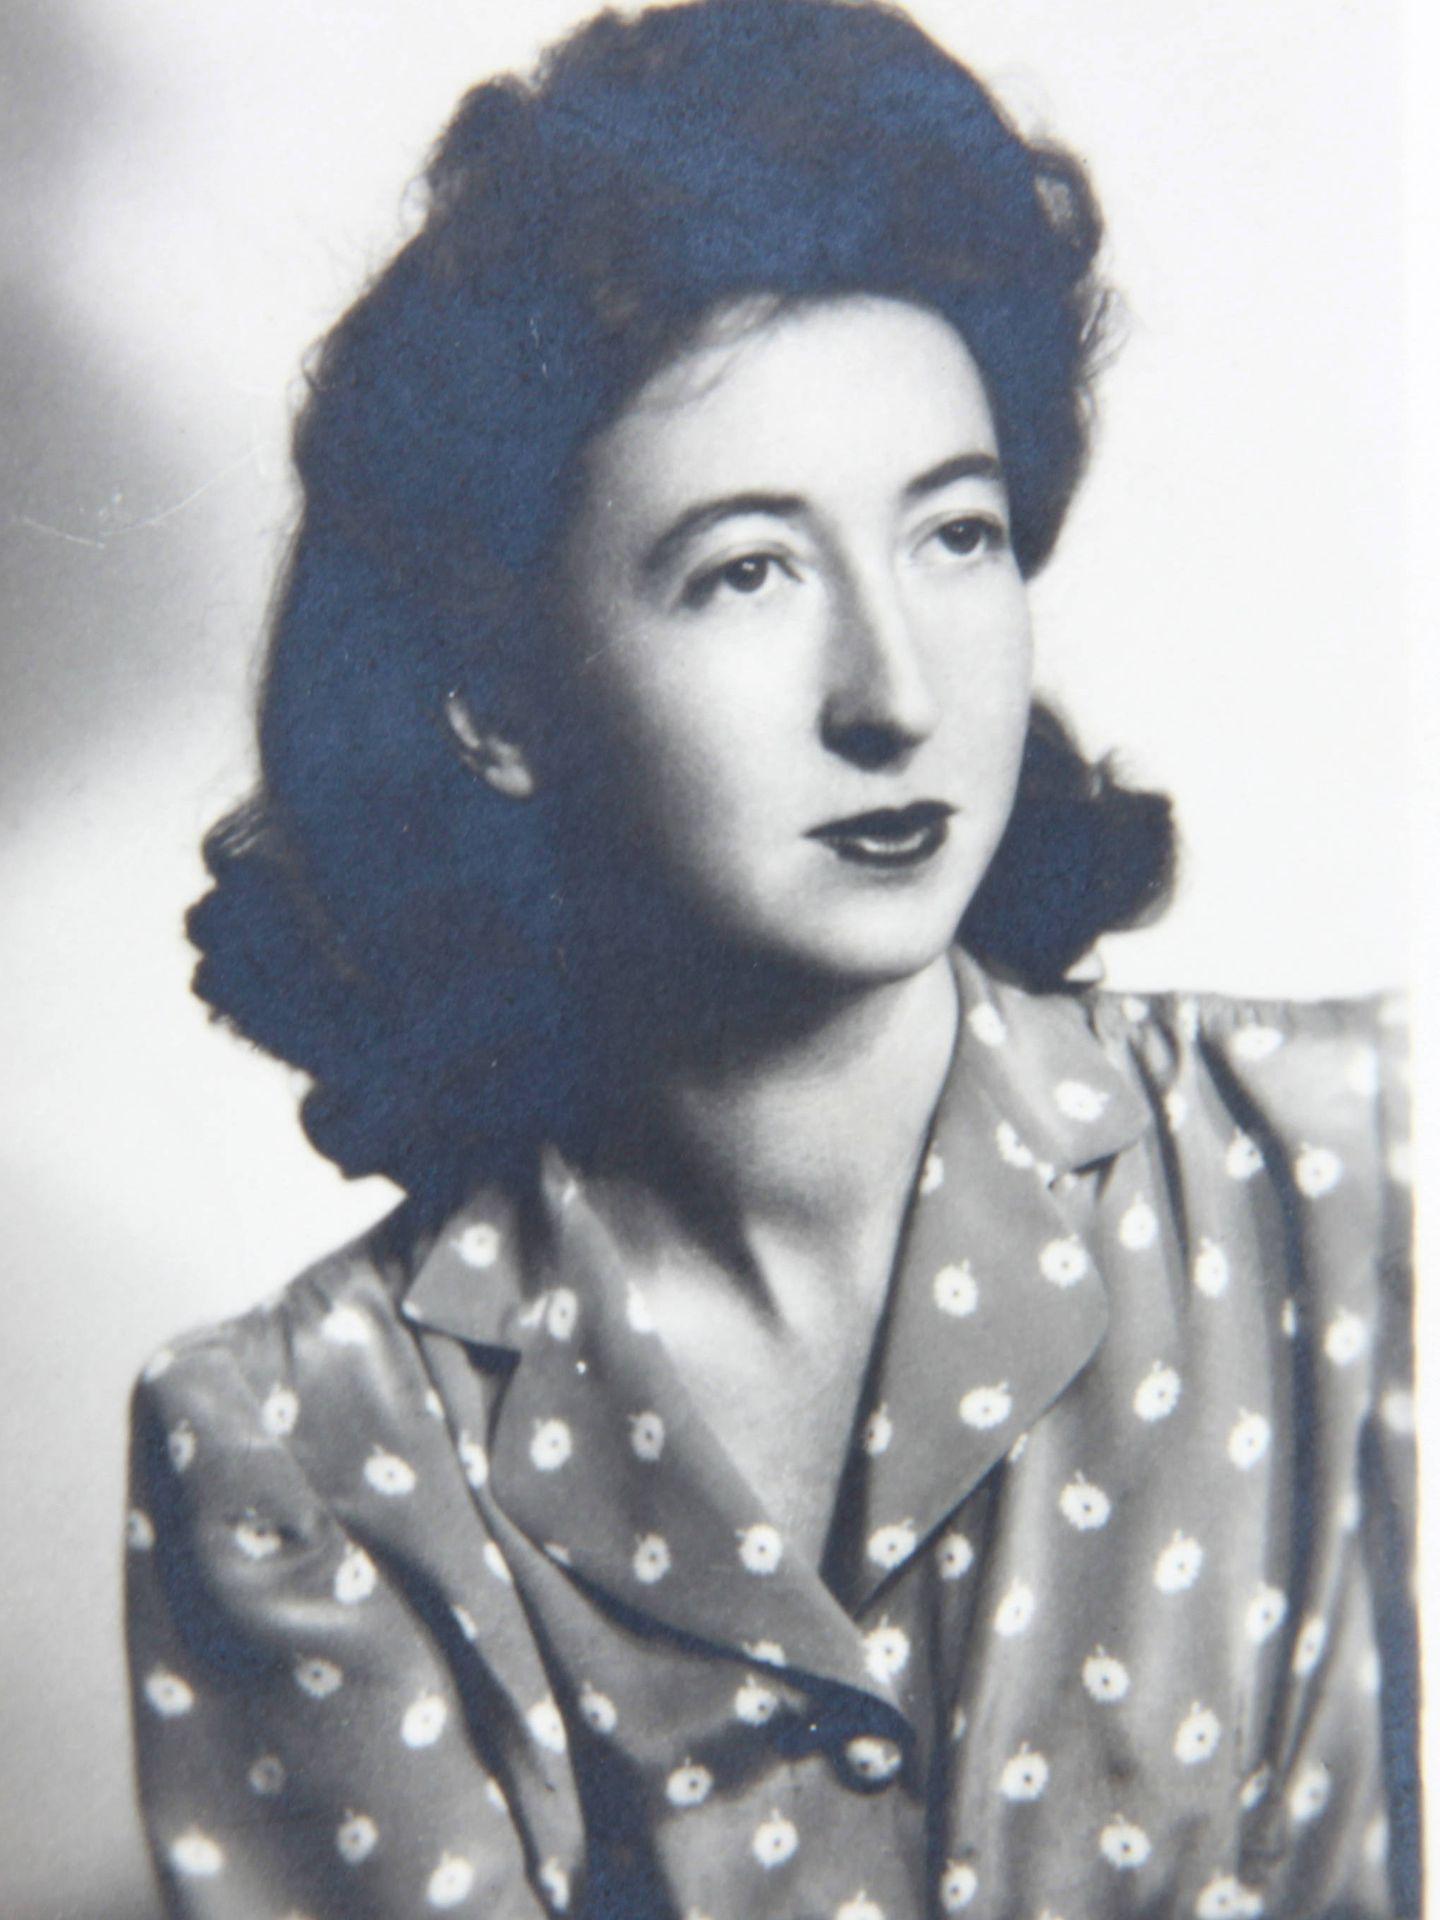 La condesa en una magen cedida por la  Fundación Tatiana Pérez de Guzmán el Bueno.